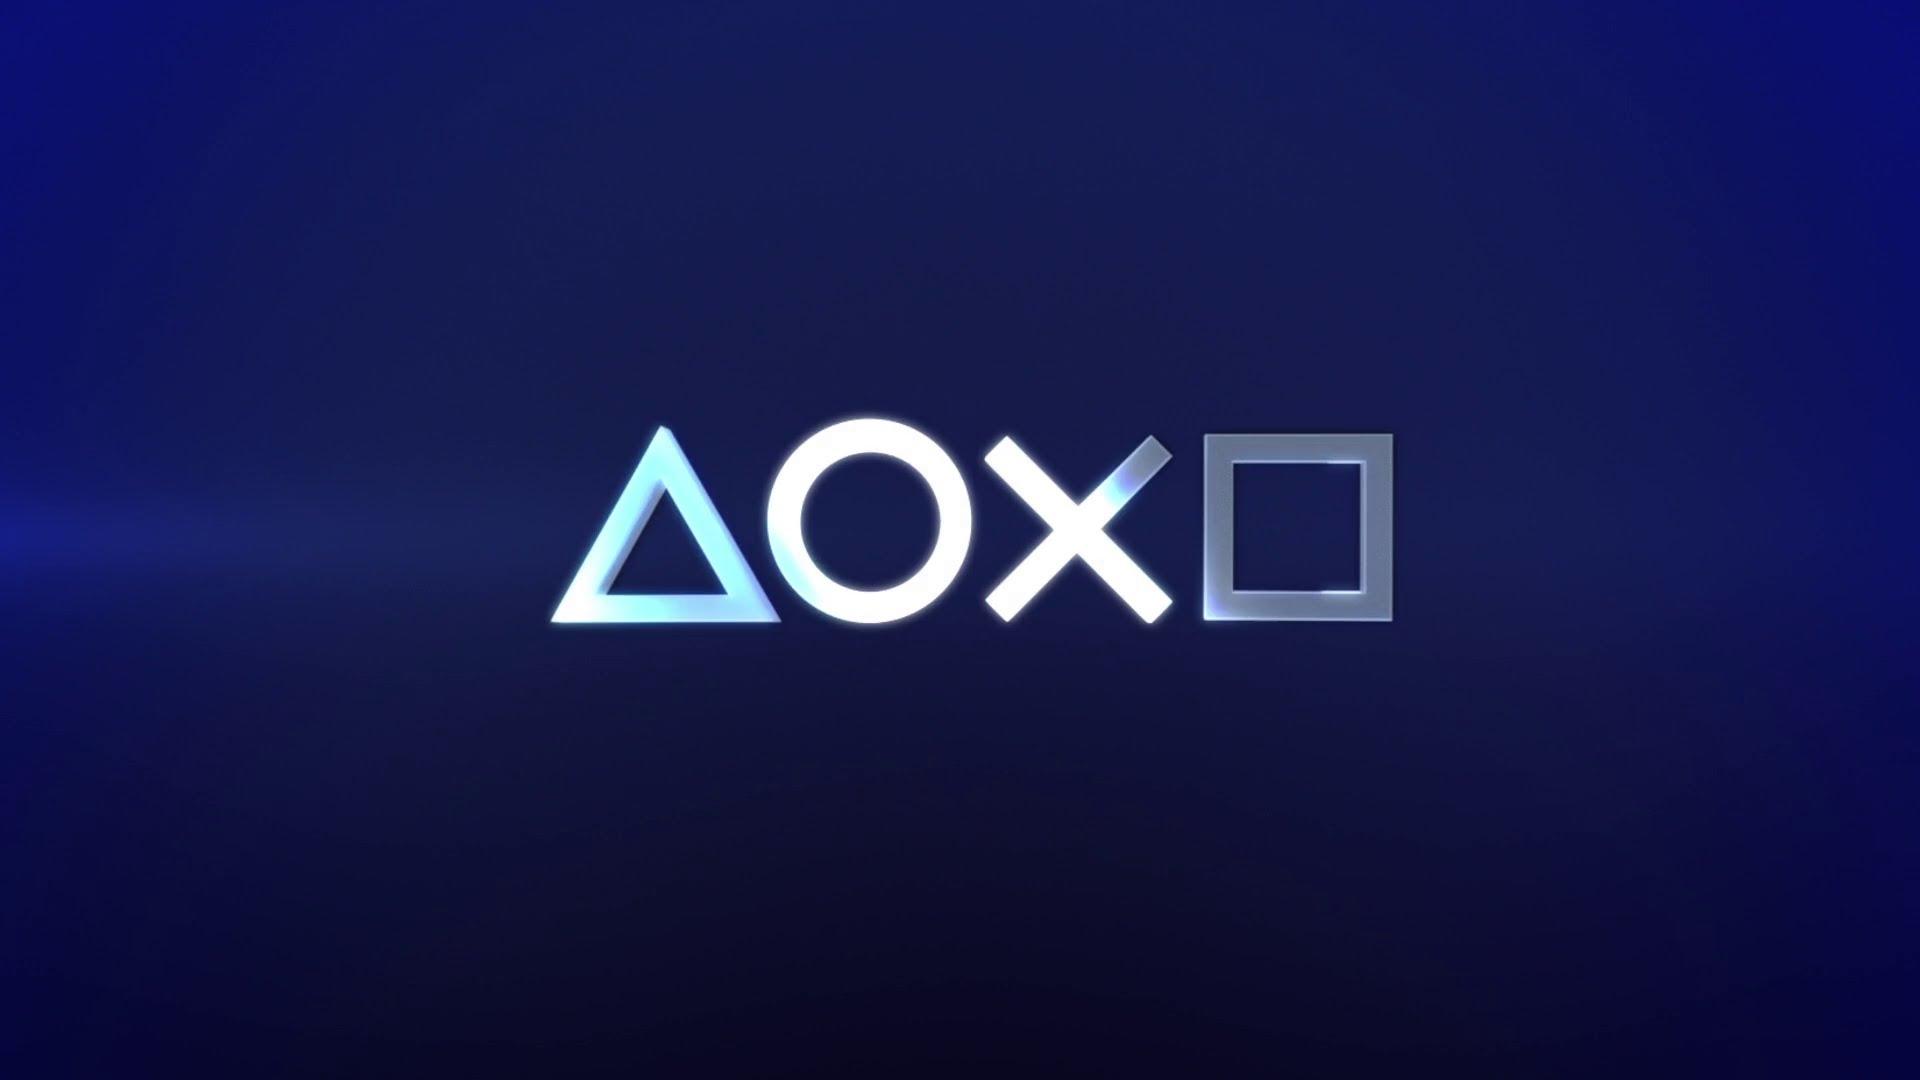 Sony založila filmovou divizi Playstation Production pro adaptaci vlastních her